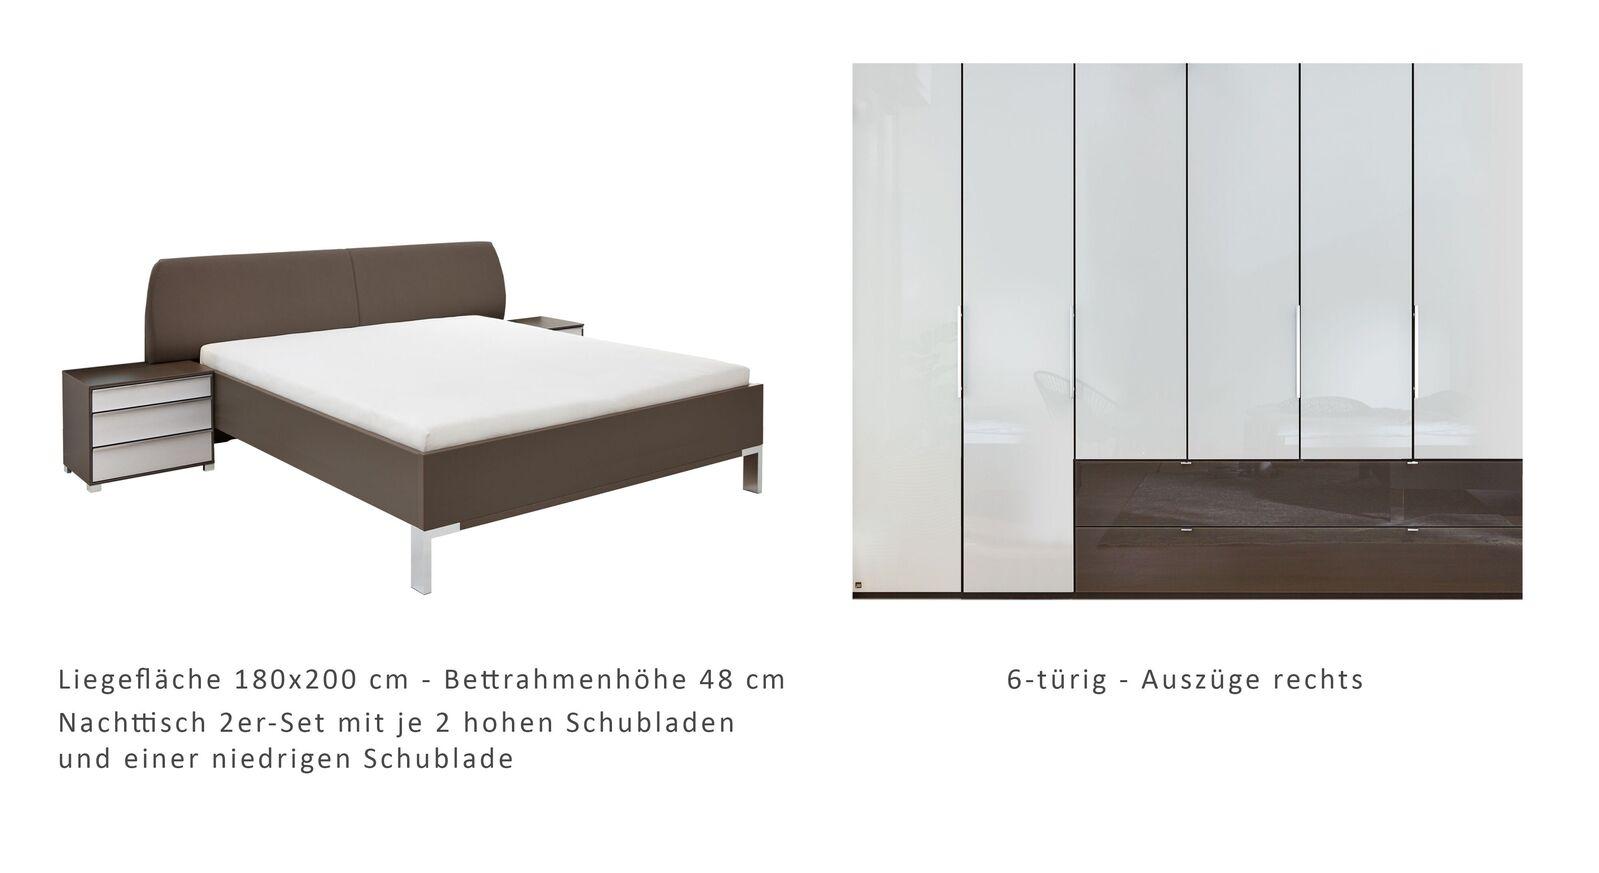 INTERLIVING Schlaftimmer 1006 Variante 06